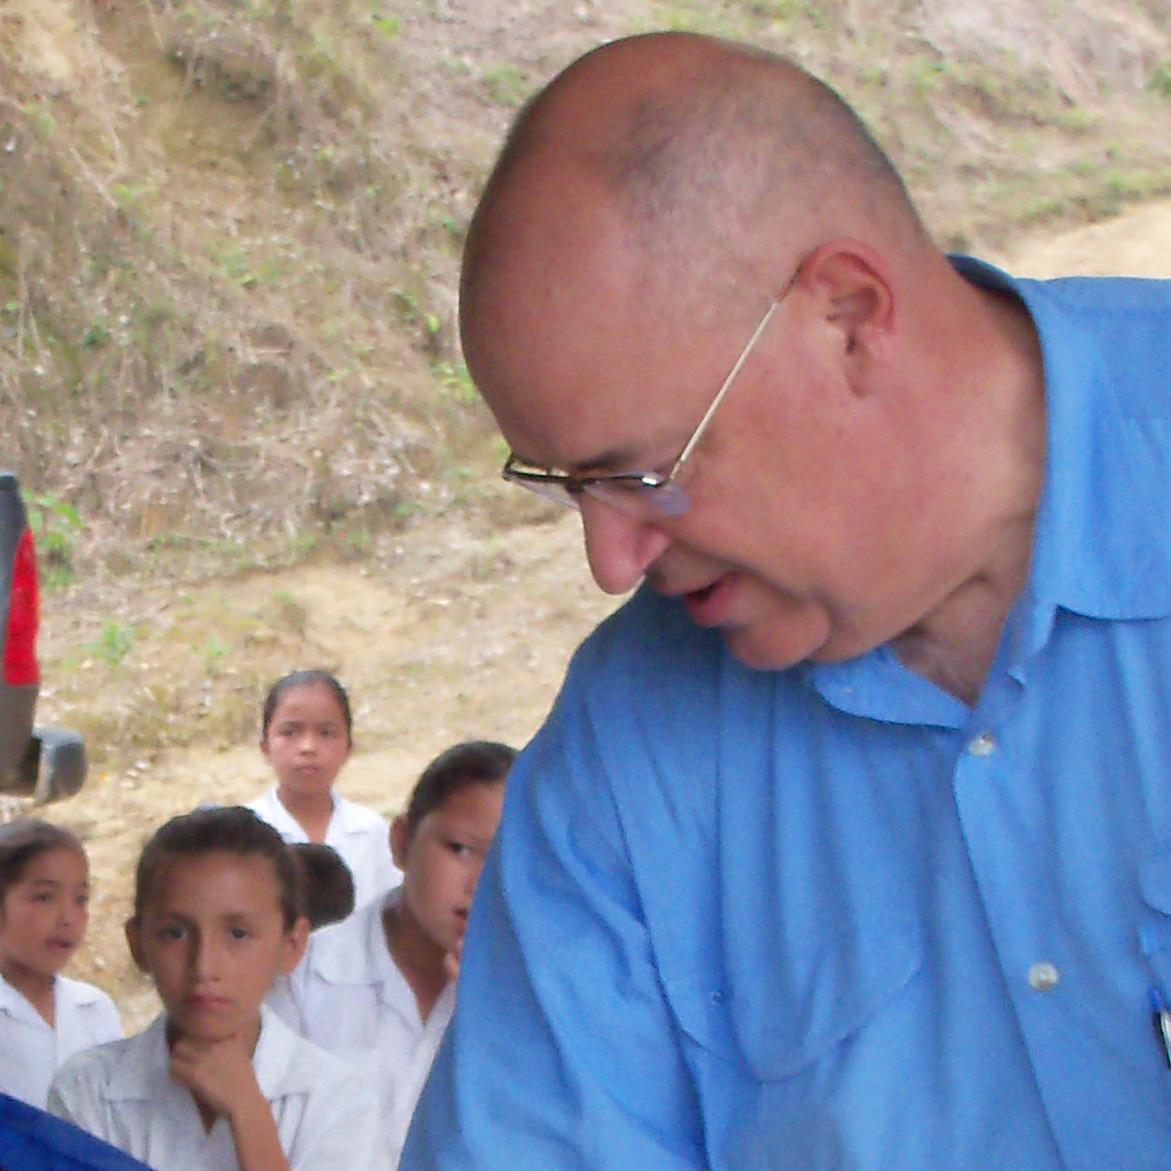 Rick Manganello